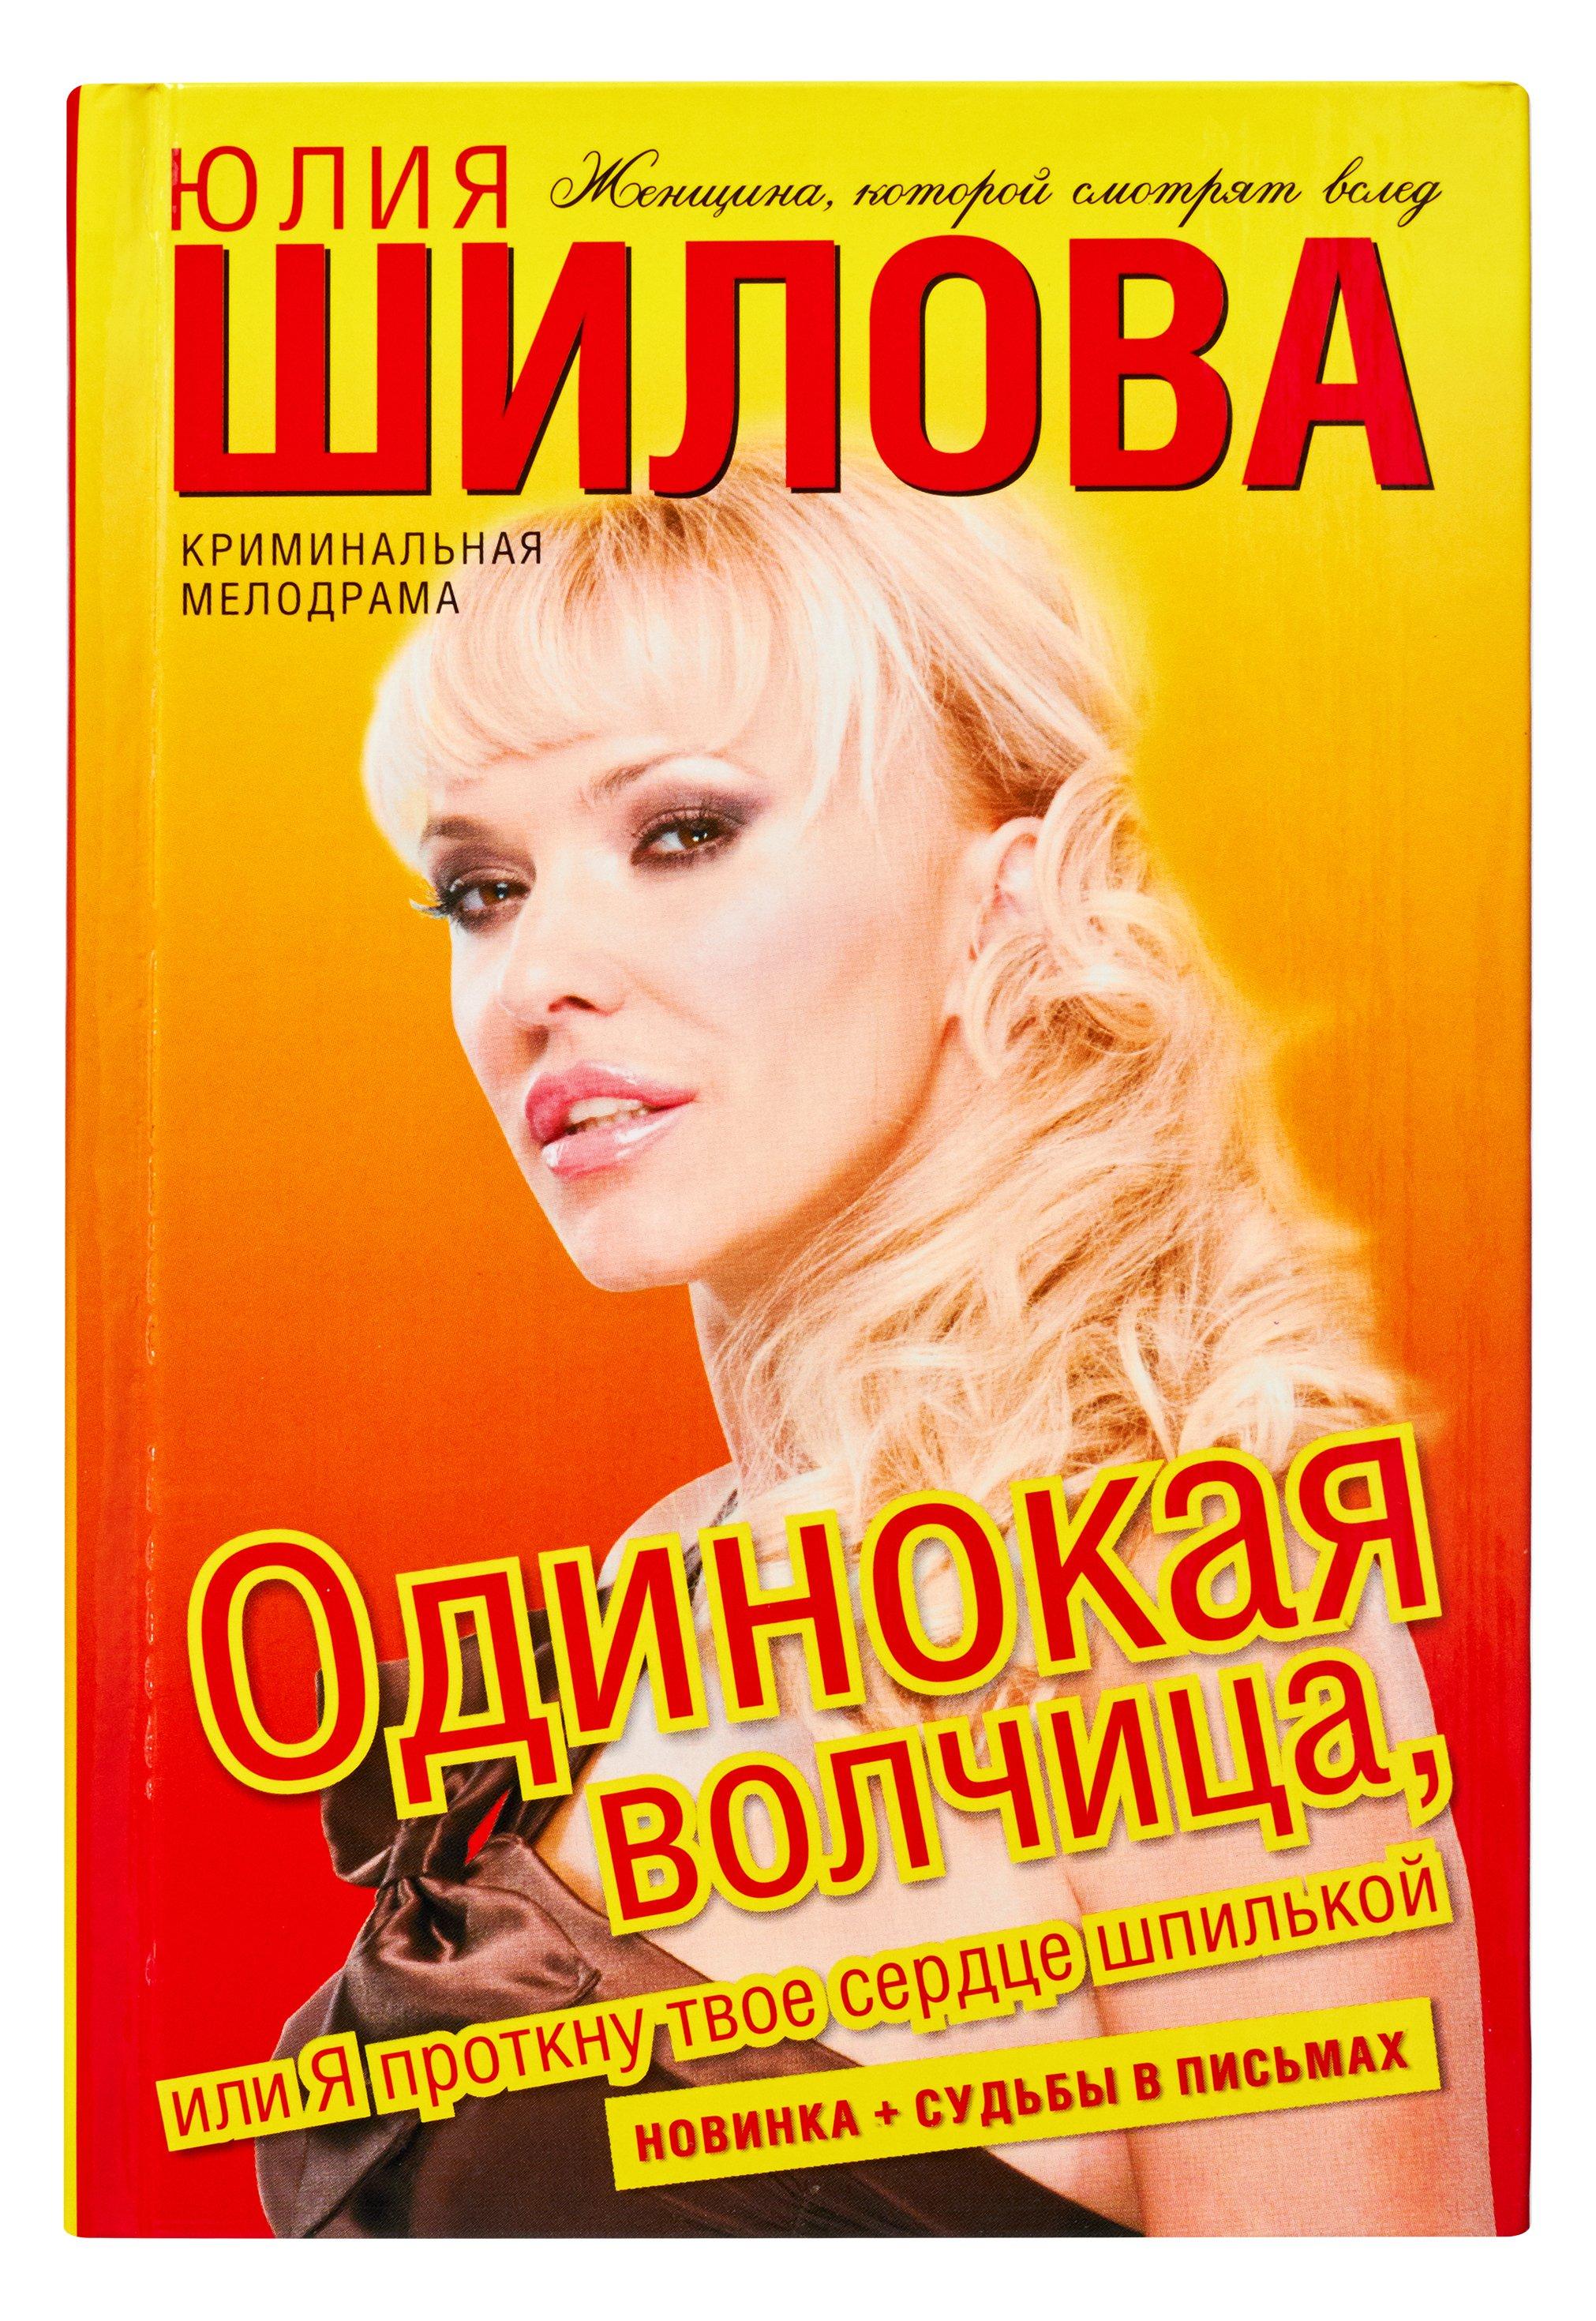 купить Юлия Шилова Одинокая волчица, или Я проткну твоё сердце шпилькой по цене 81 рублей